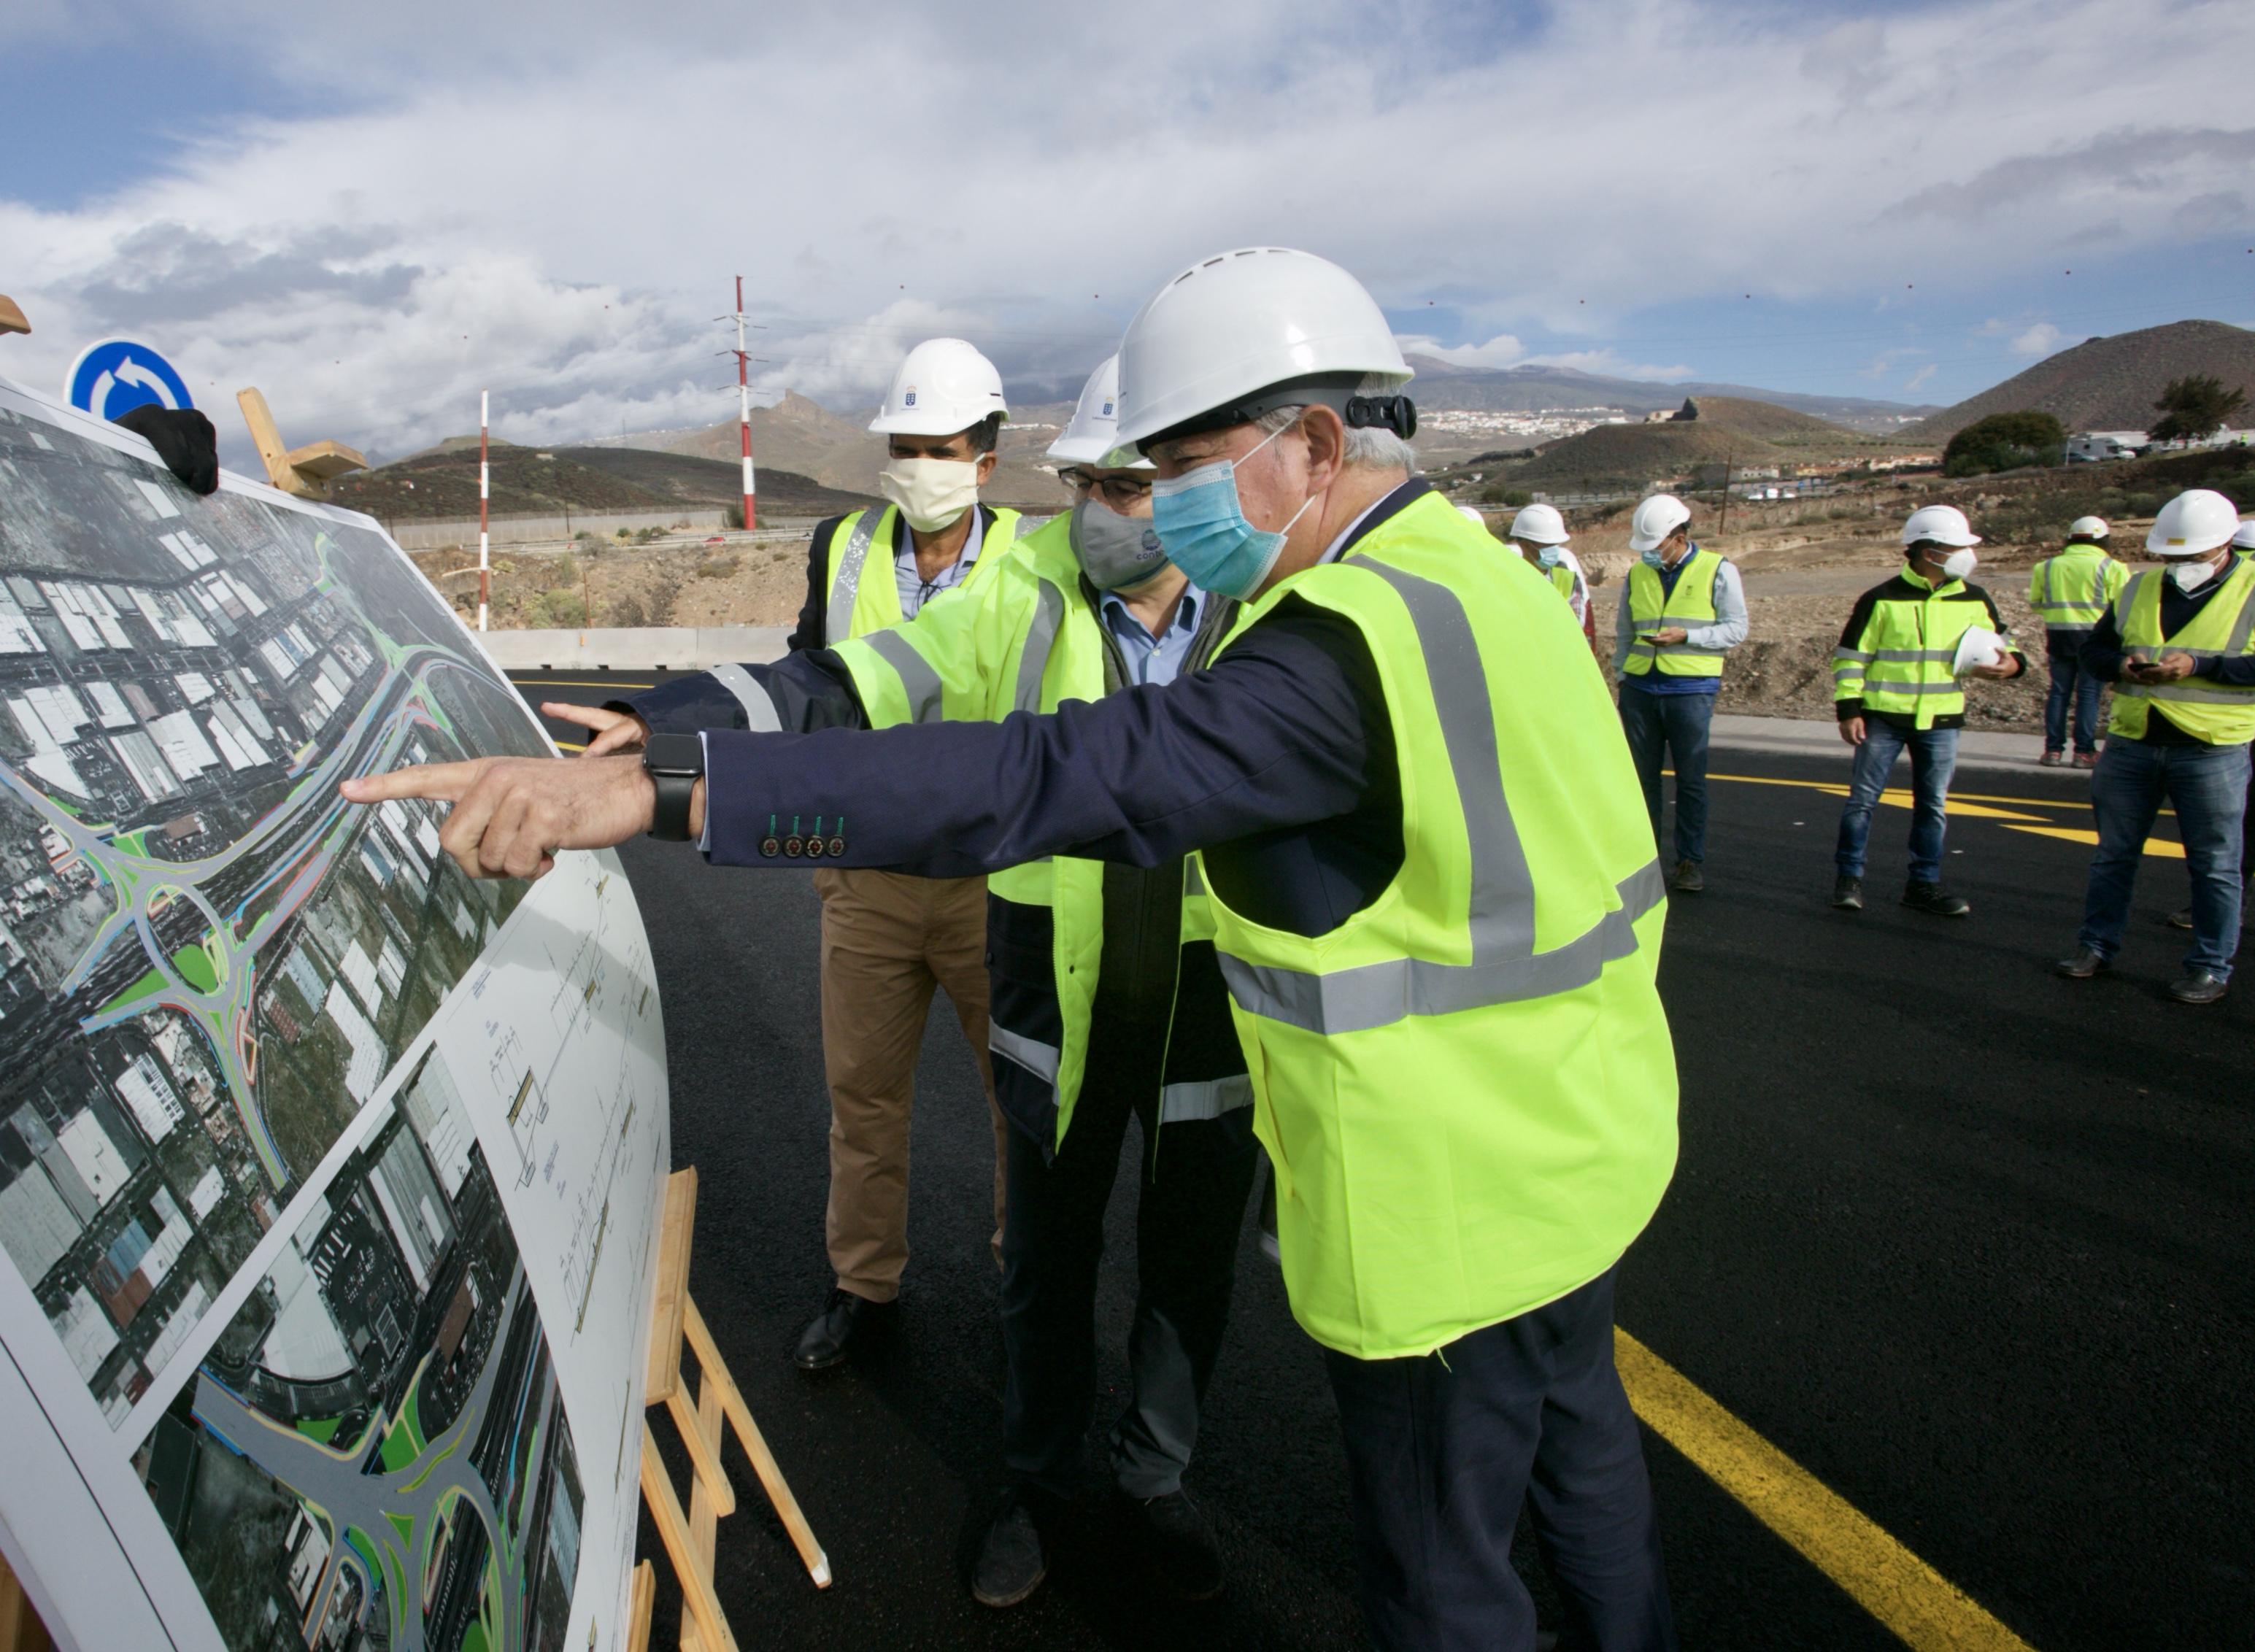 Obras Públicas pone en servicio, para agilizar el tráfico, un tramo que se ejecuta entre Las Chafiras y Oroteanda